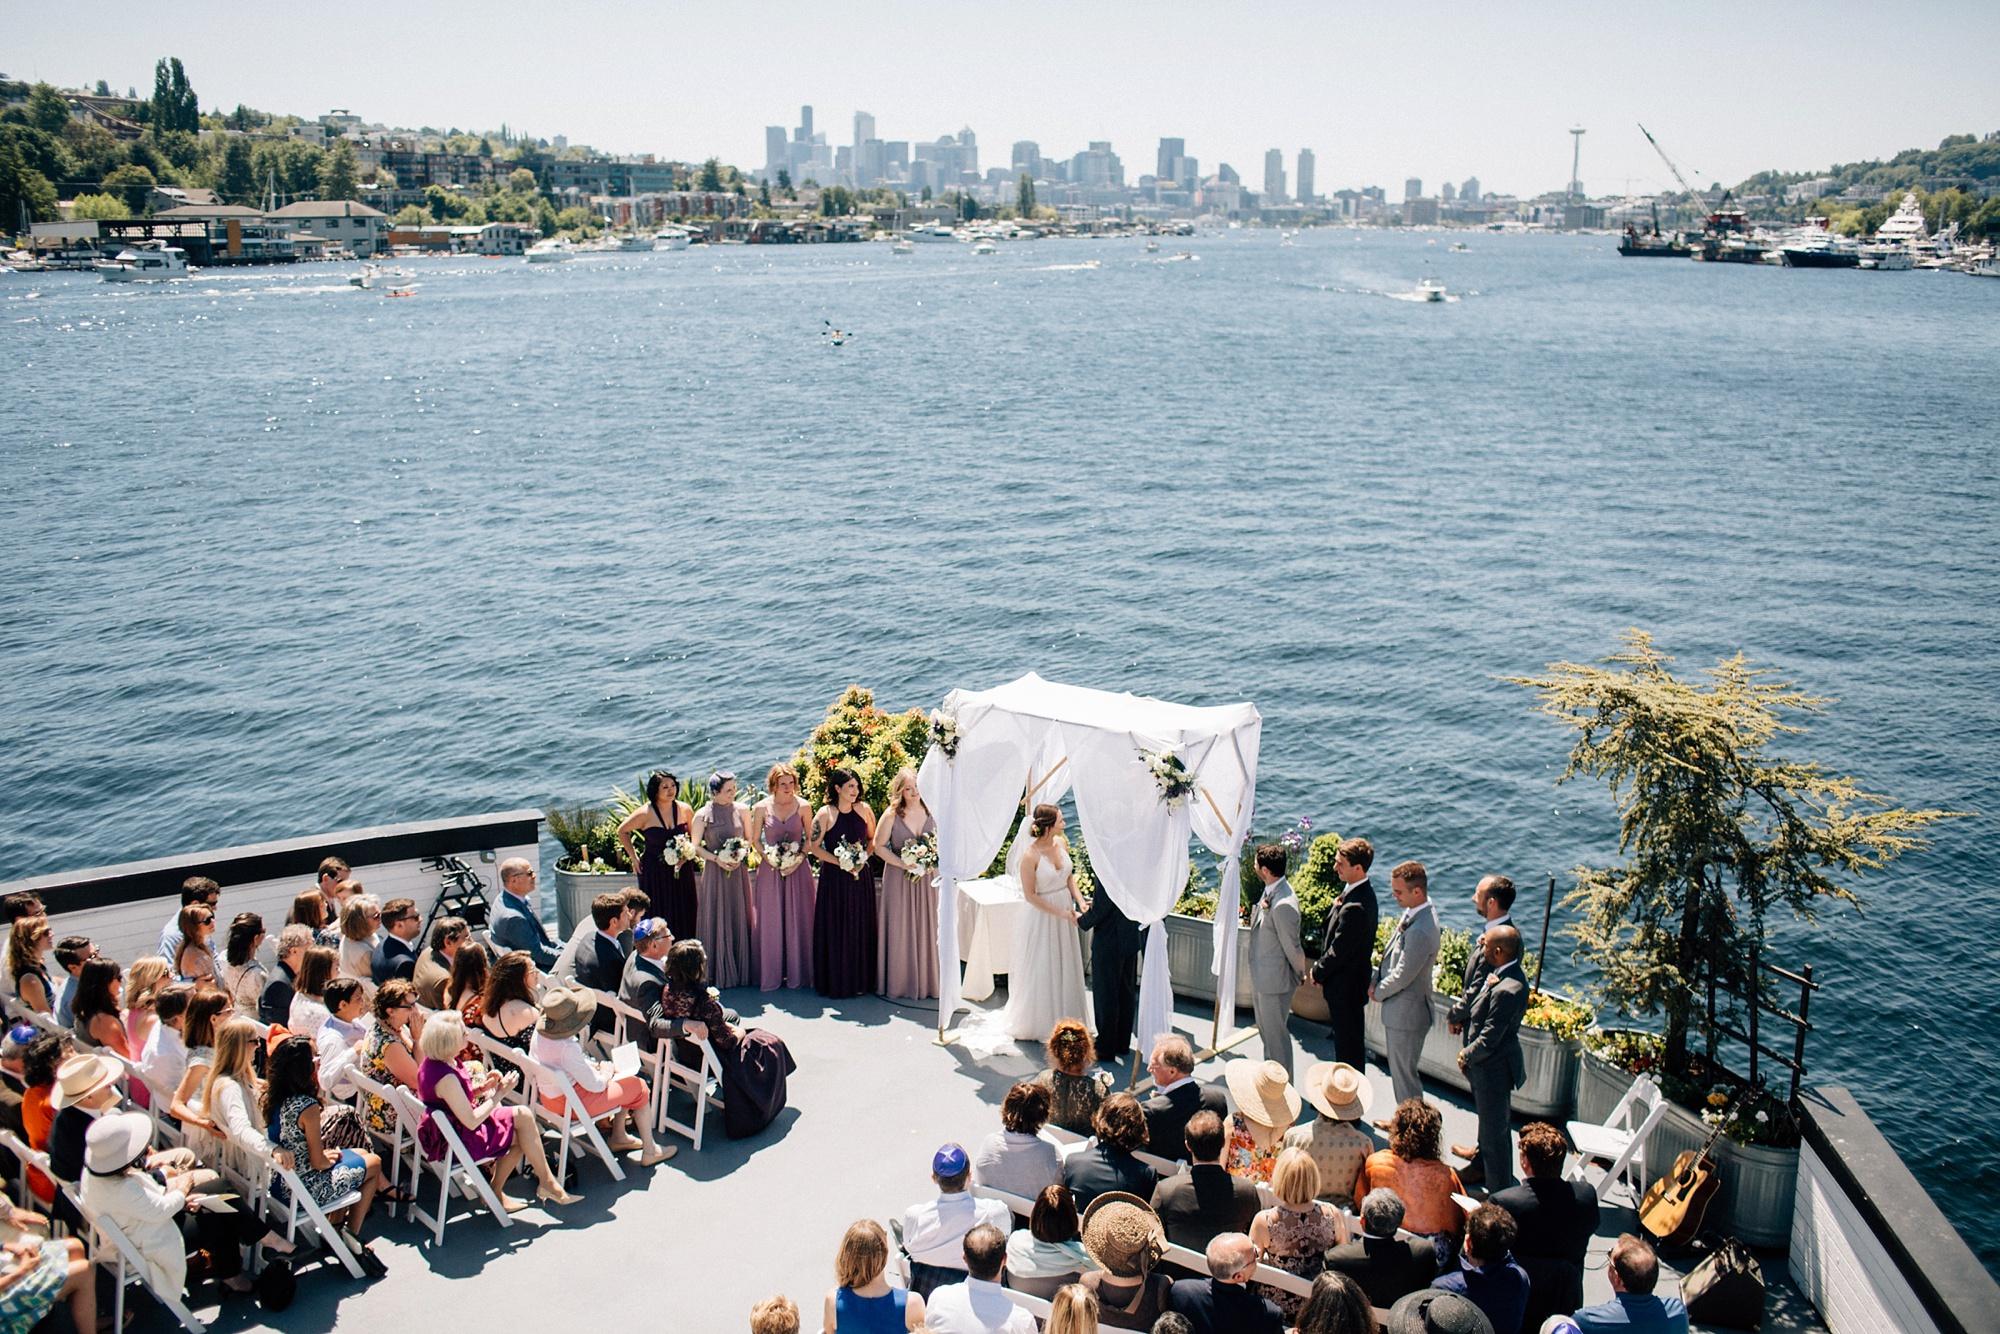 Skansonia Ferry Boat Wedding